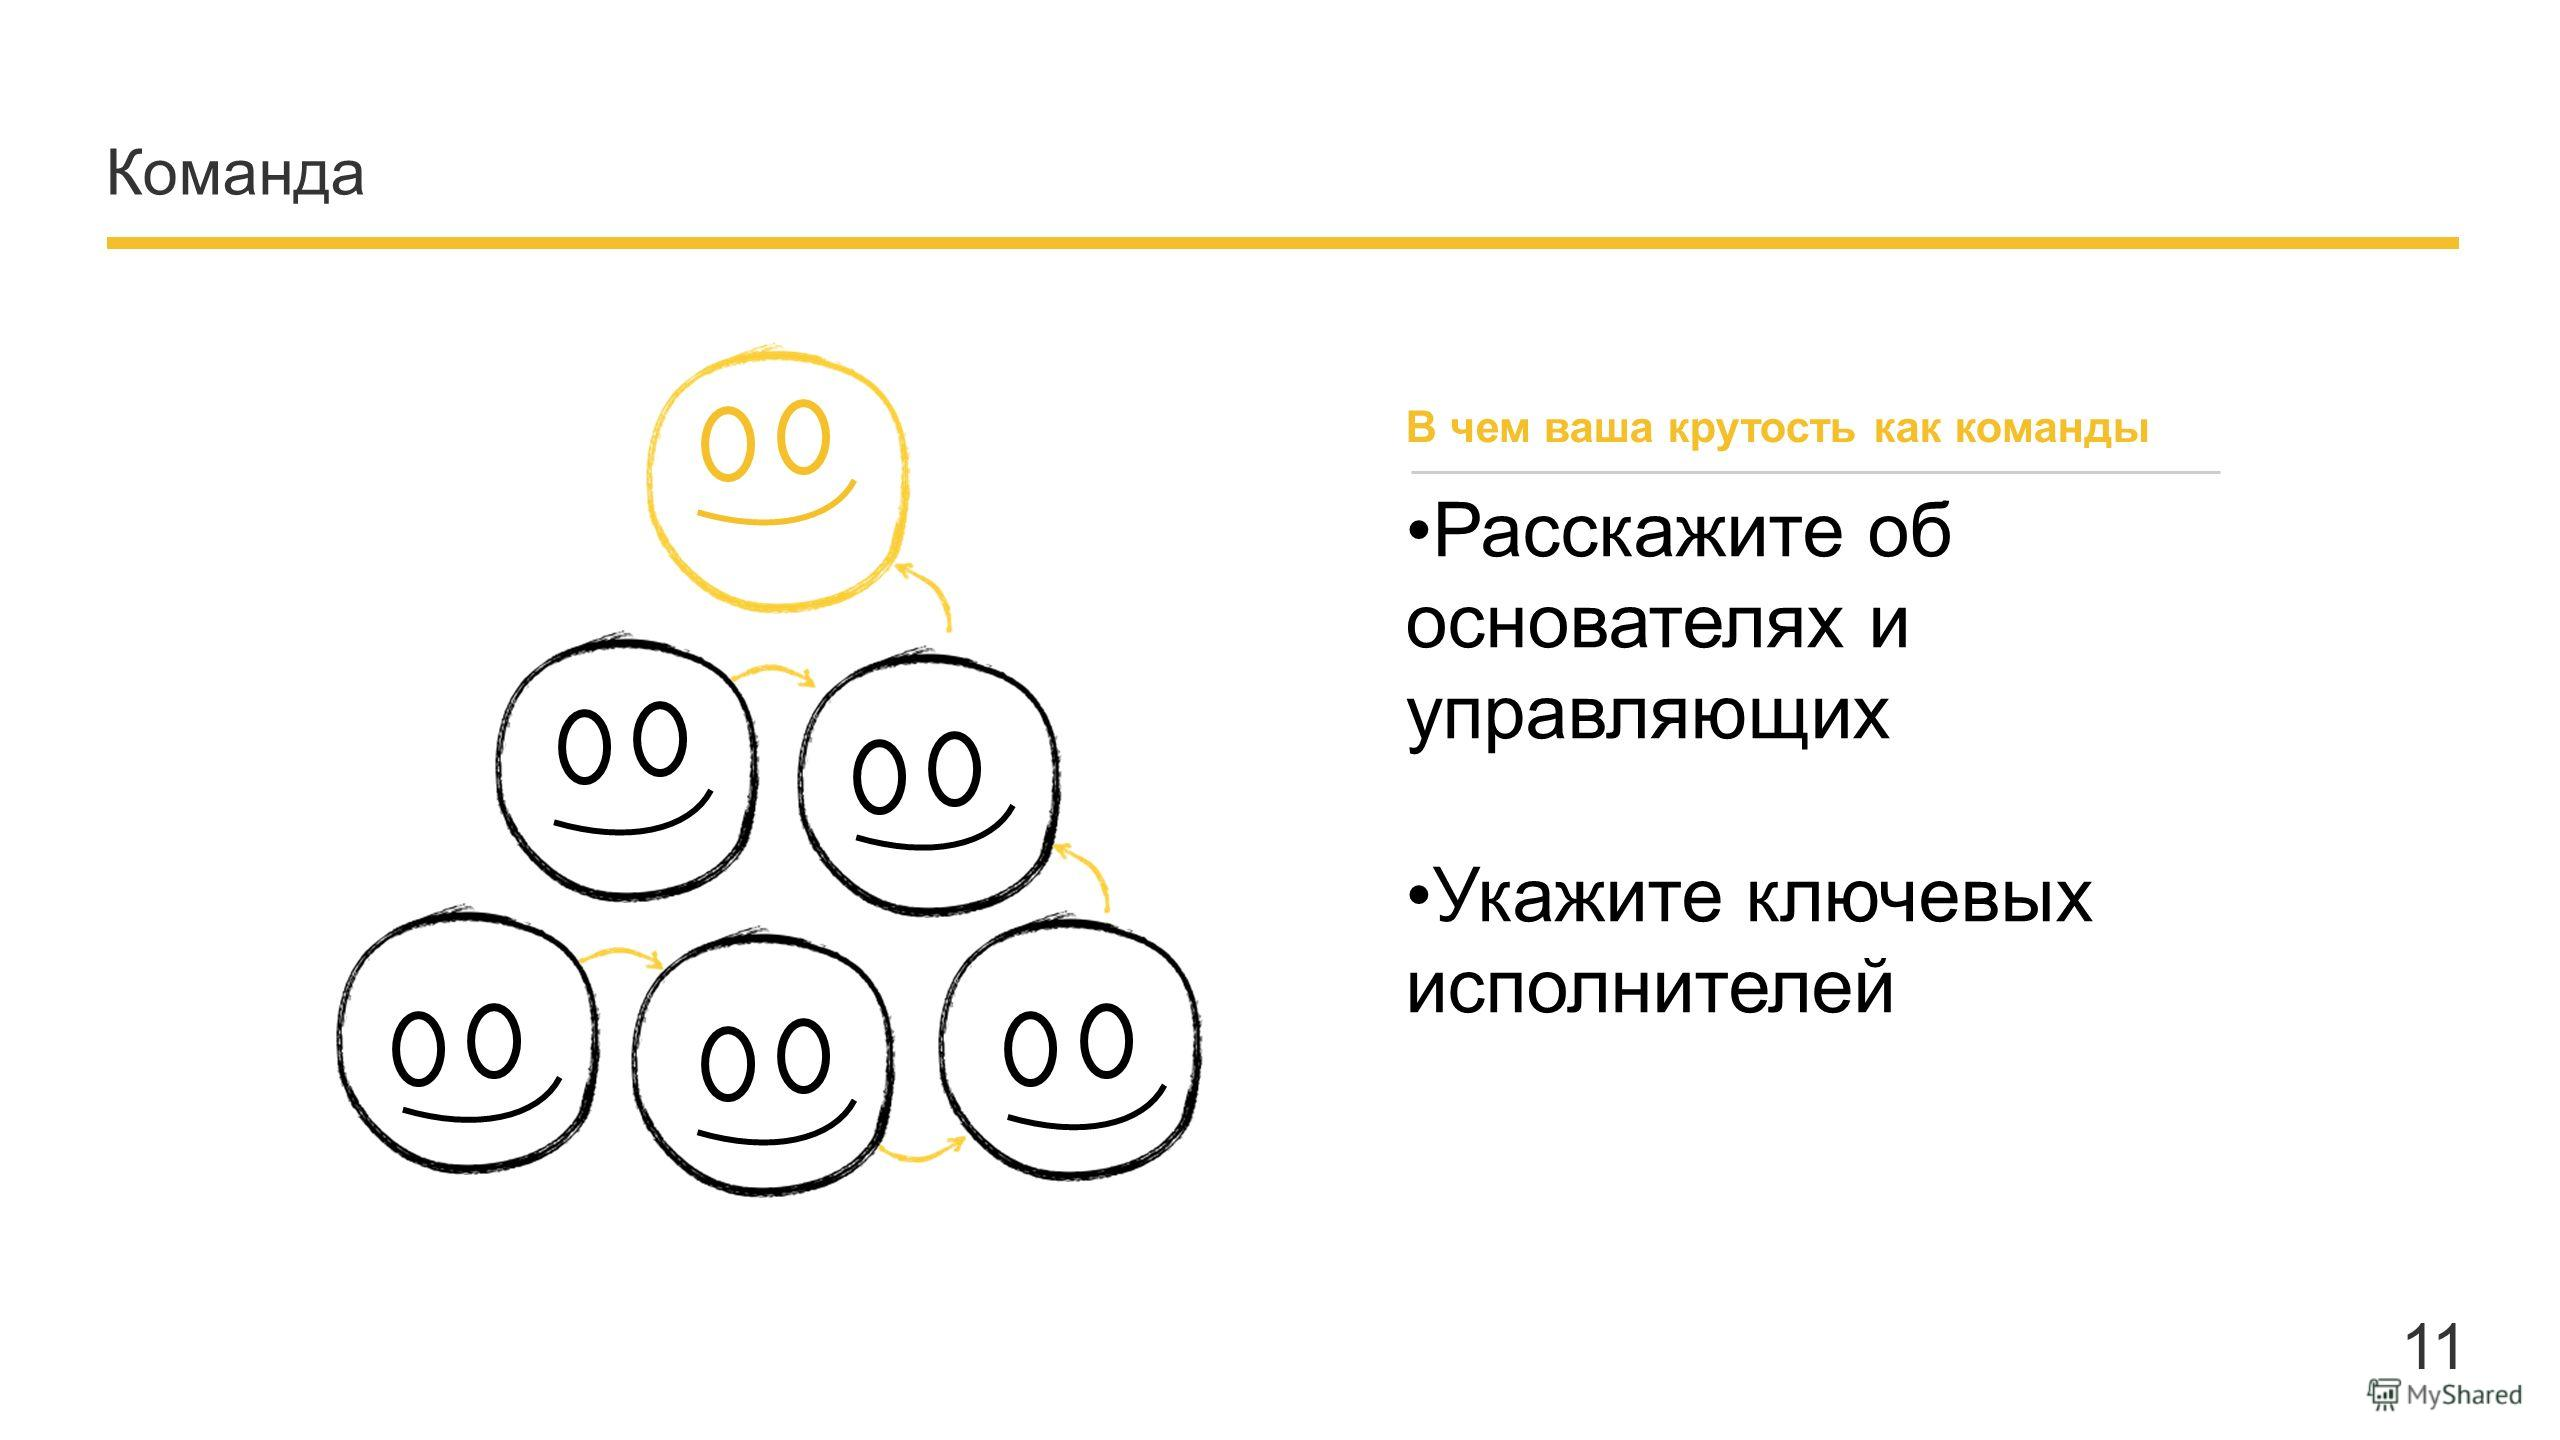 Company name - Presentation Команда 11 Расскажите об основателях и управляющих Укажите ключевых исполнителей В чем ваша крутость как команды